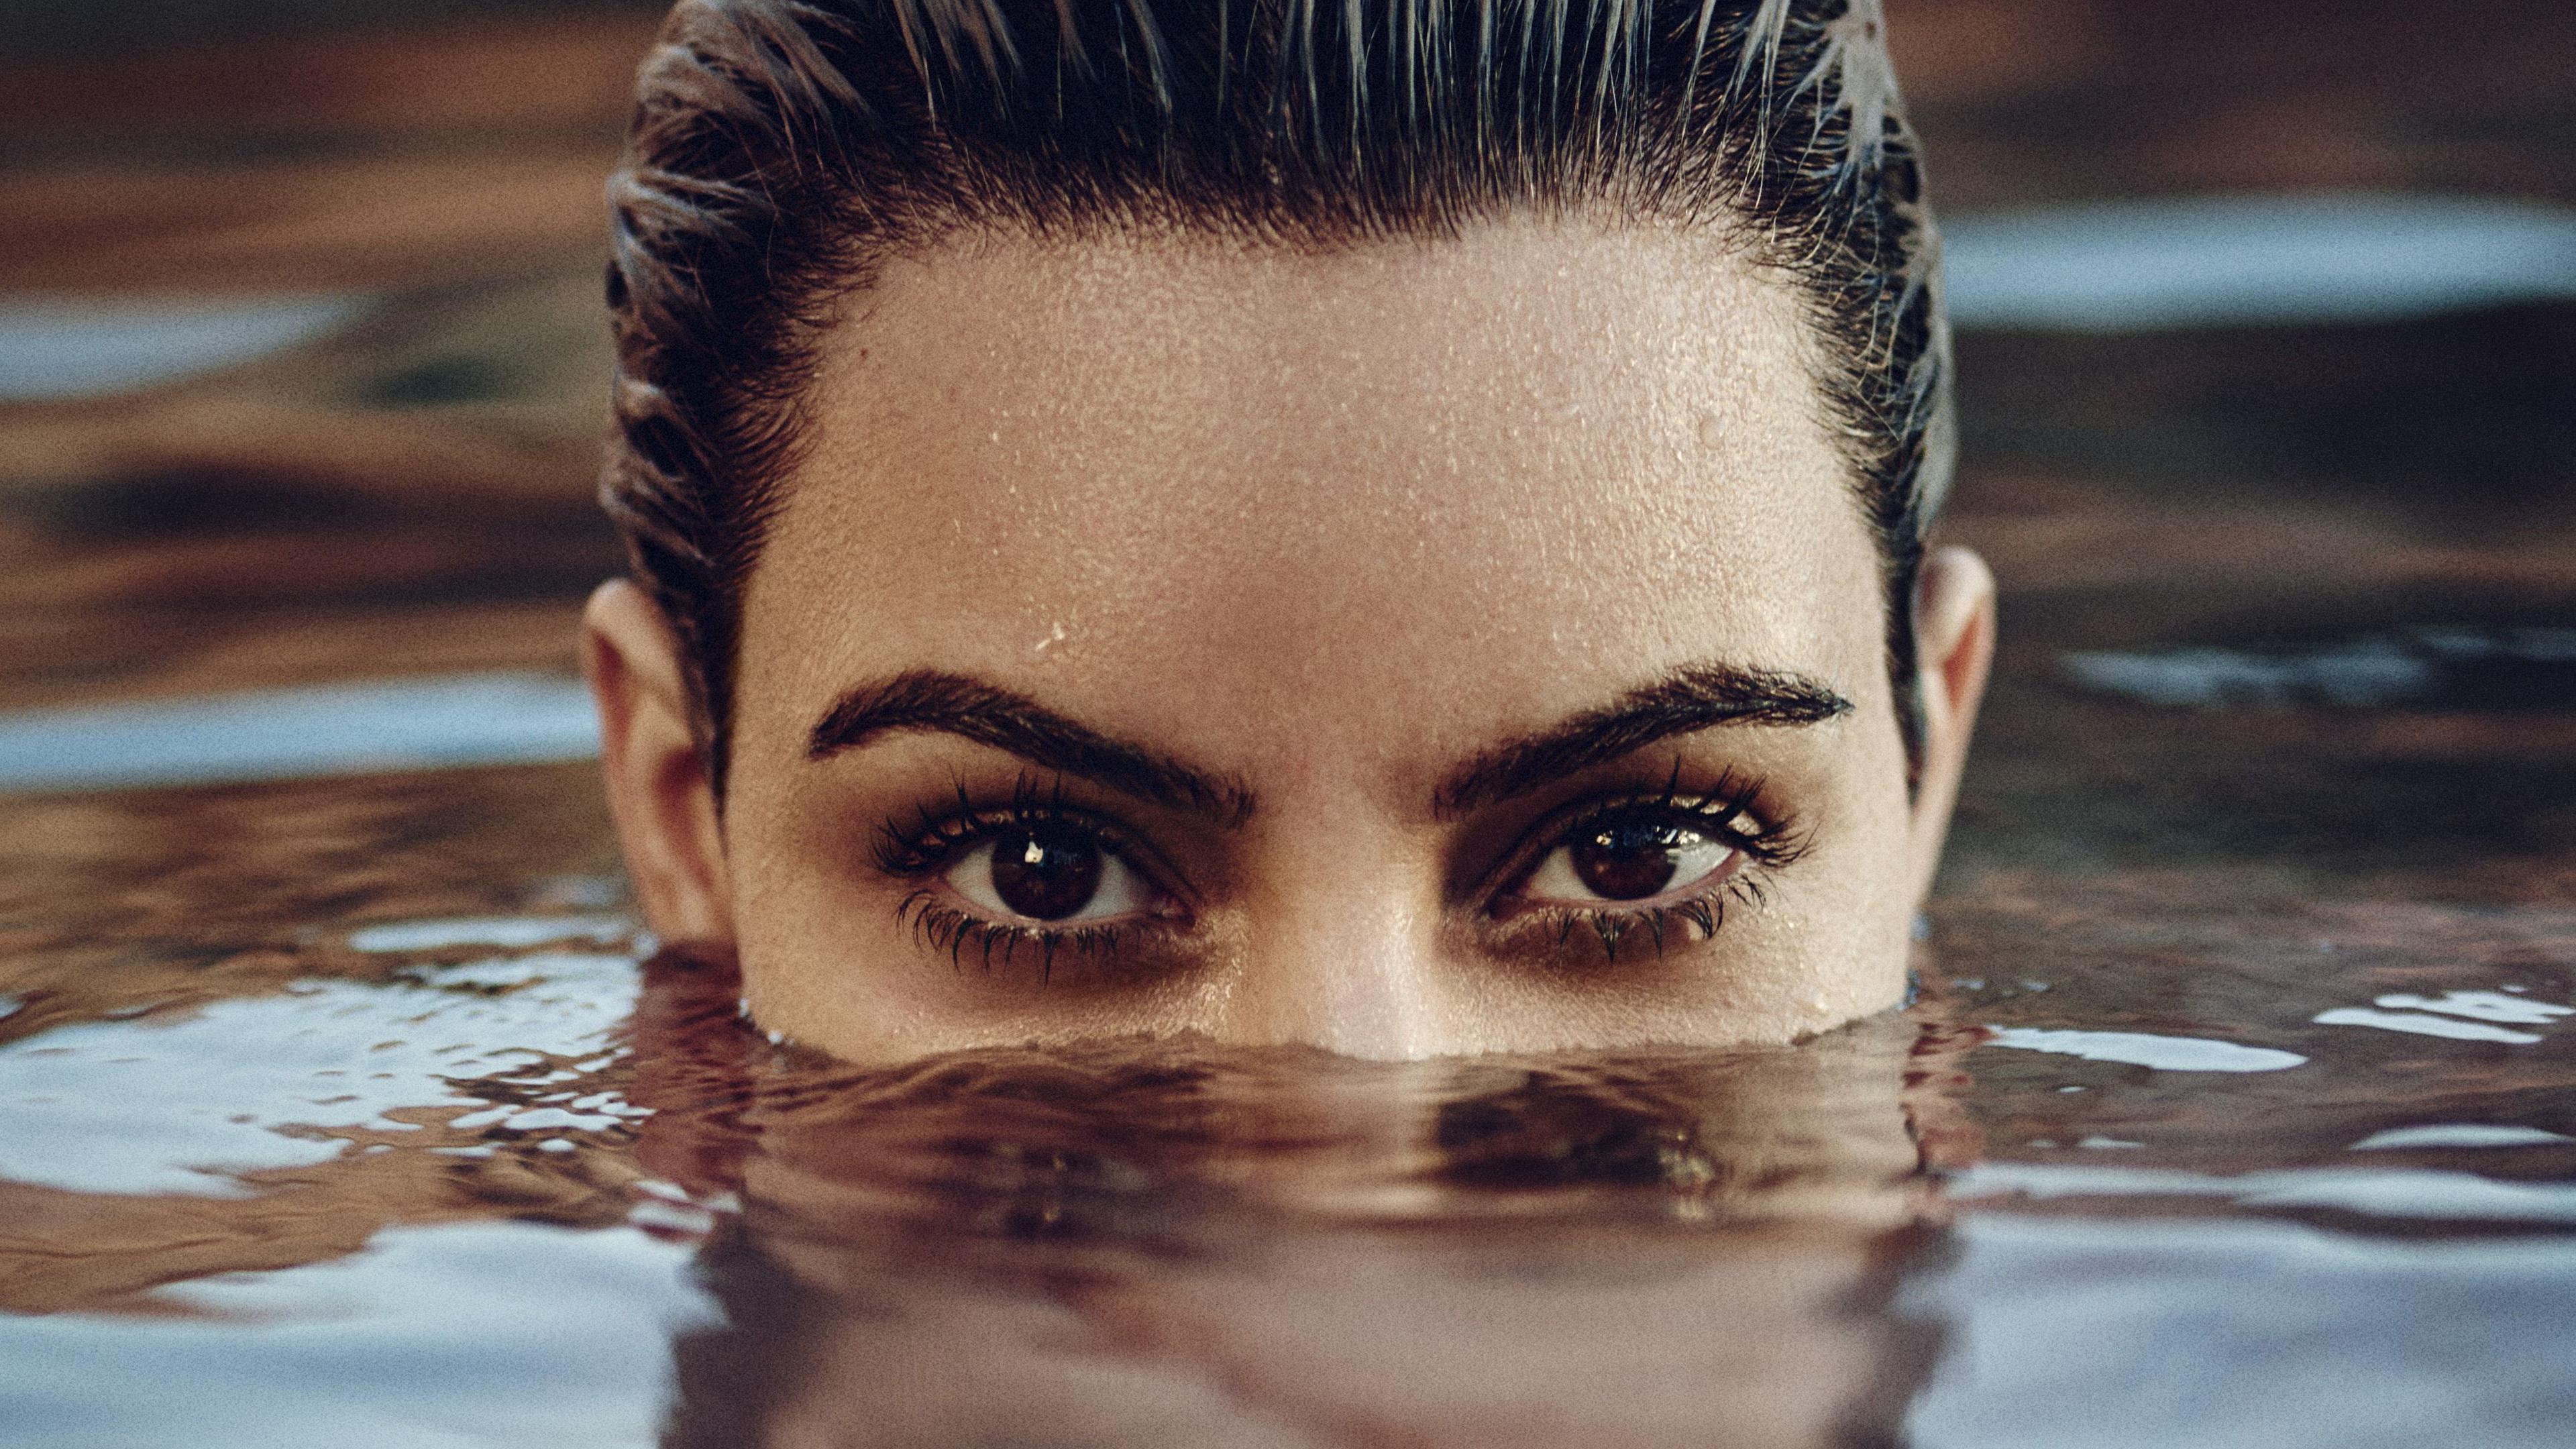 kim kardashian eyes elle 2019 1536942820 - Kim Kardashian Eyes Elle 2019 - kim kardashian wallpapers, hd-wallpapers, girls wallpapers, eyes wallpapers, celebrities wallpapers, 4k-wallpapers